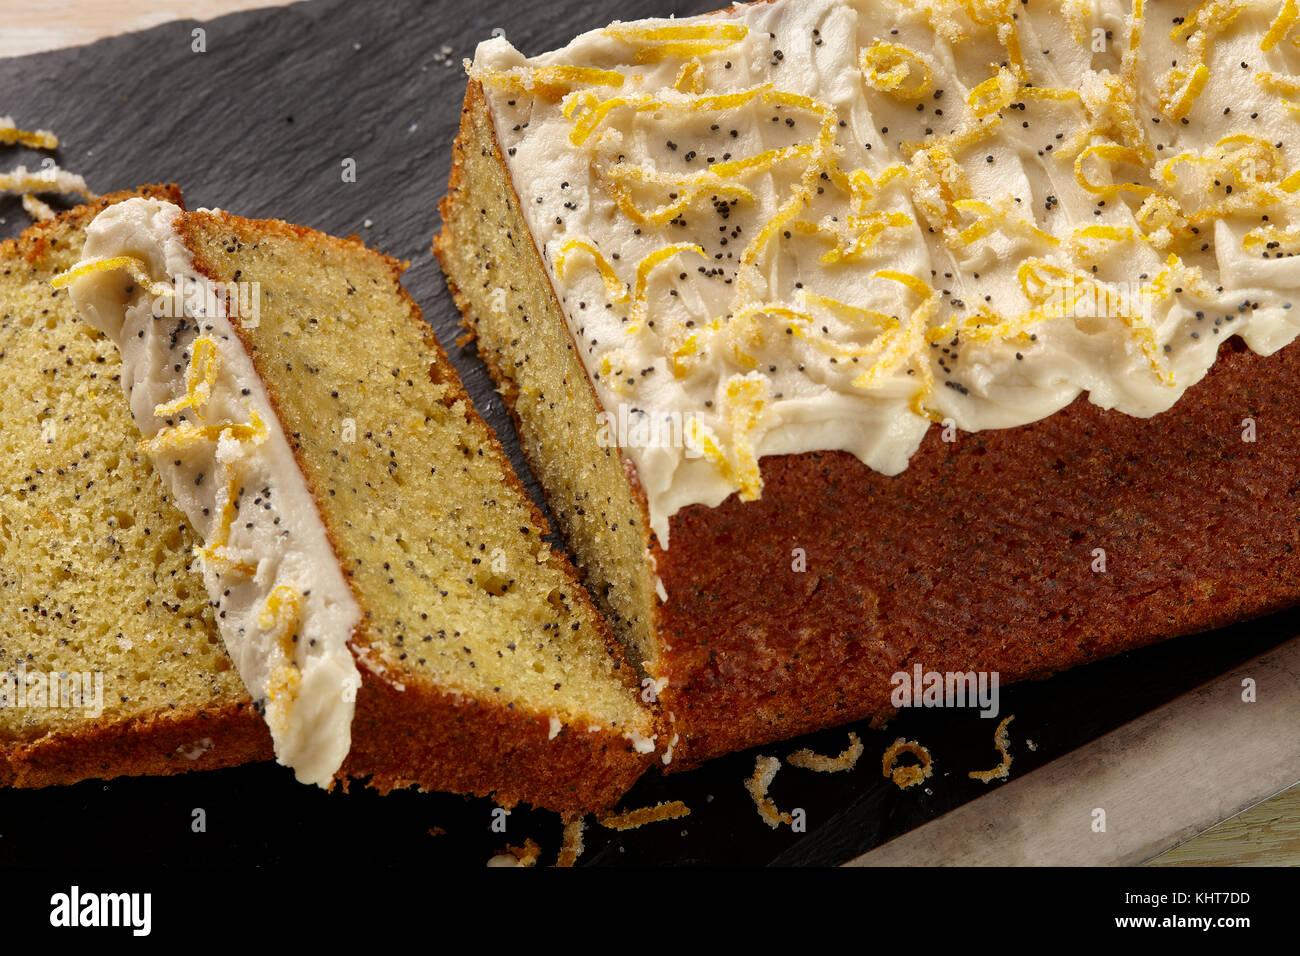 Orange poppy seed loaf - Stock Image